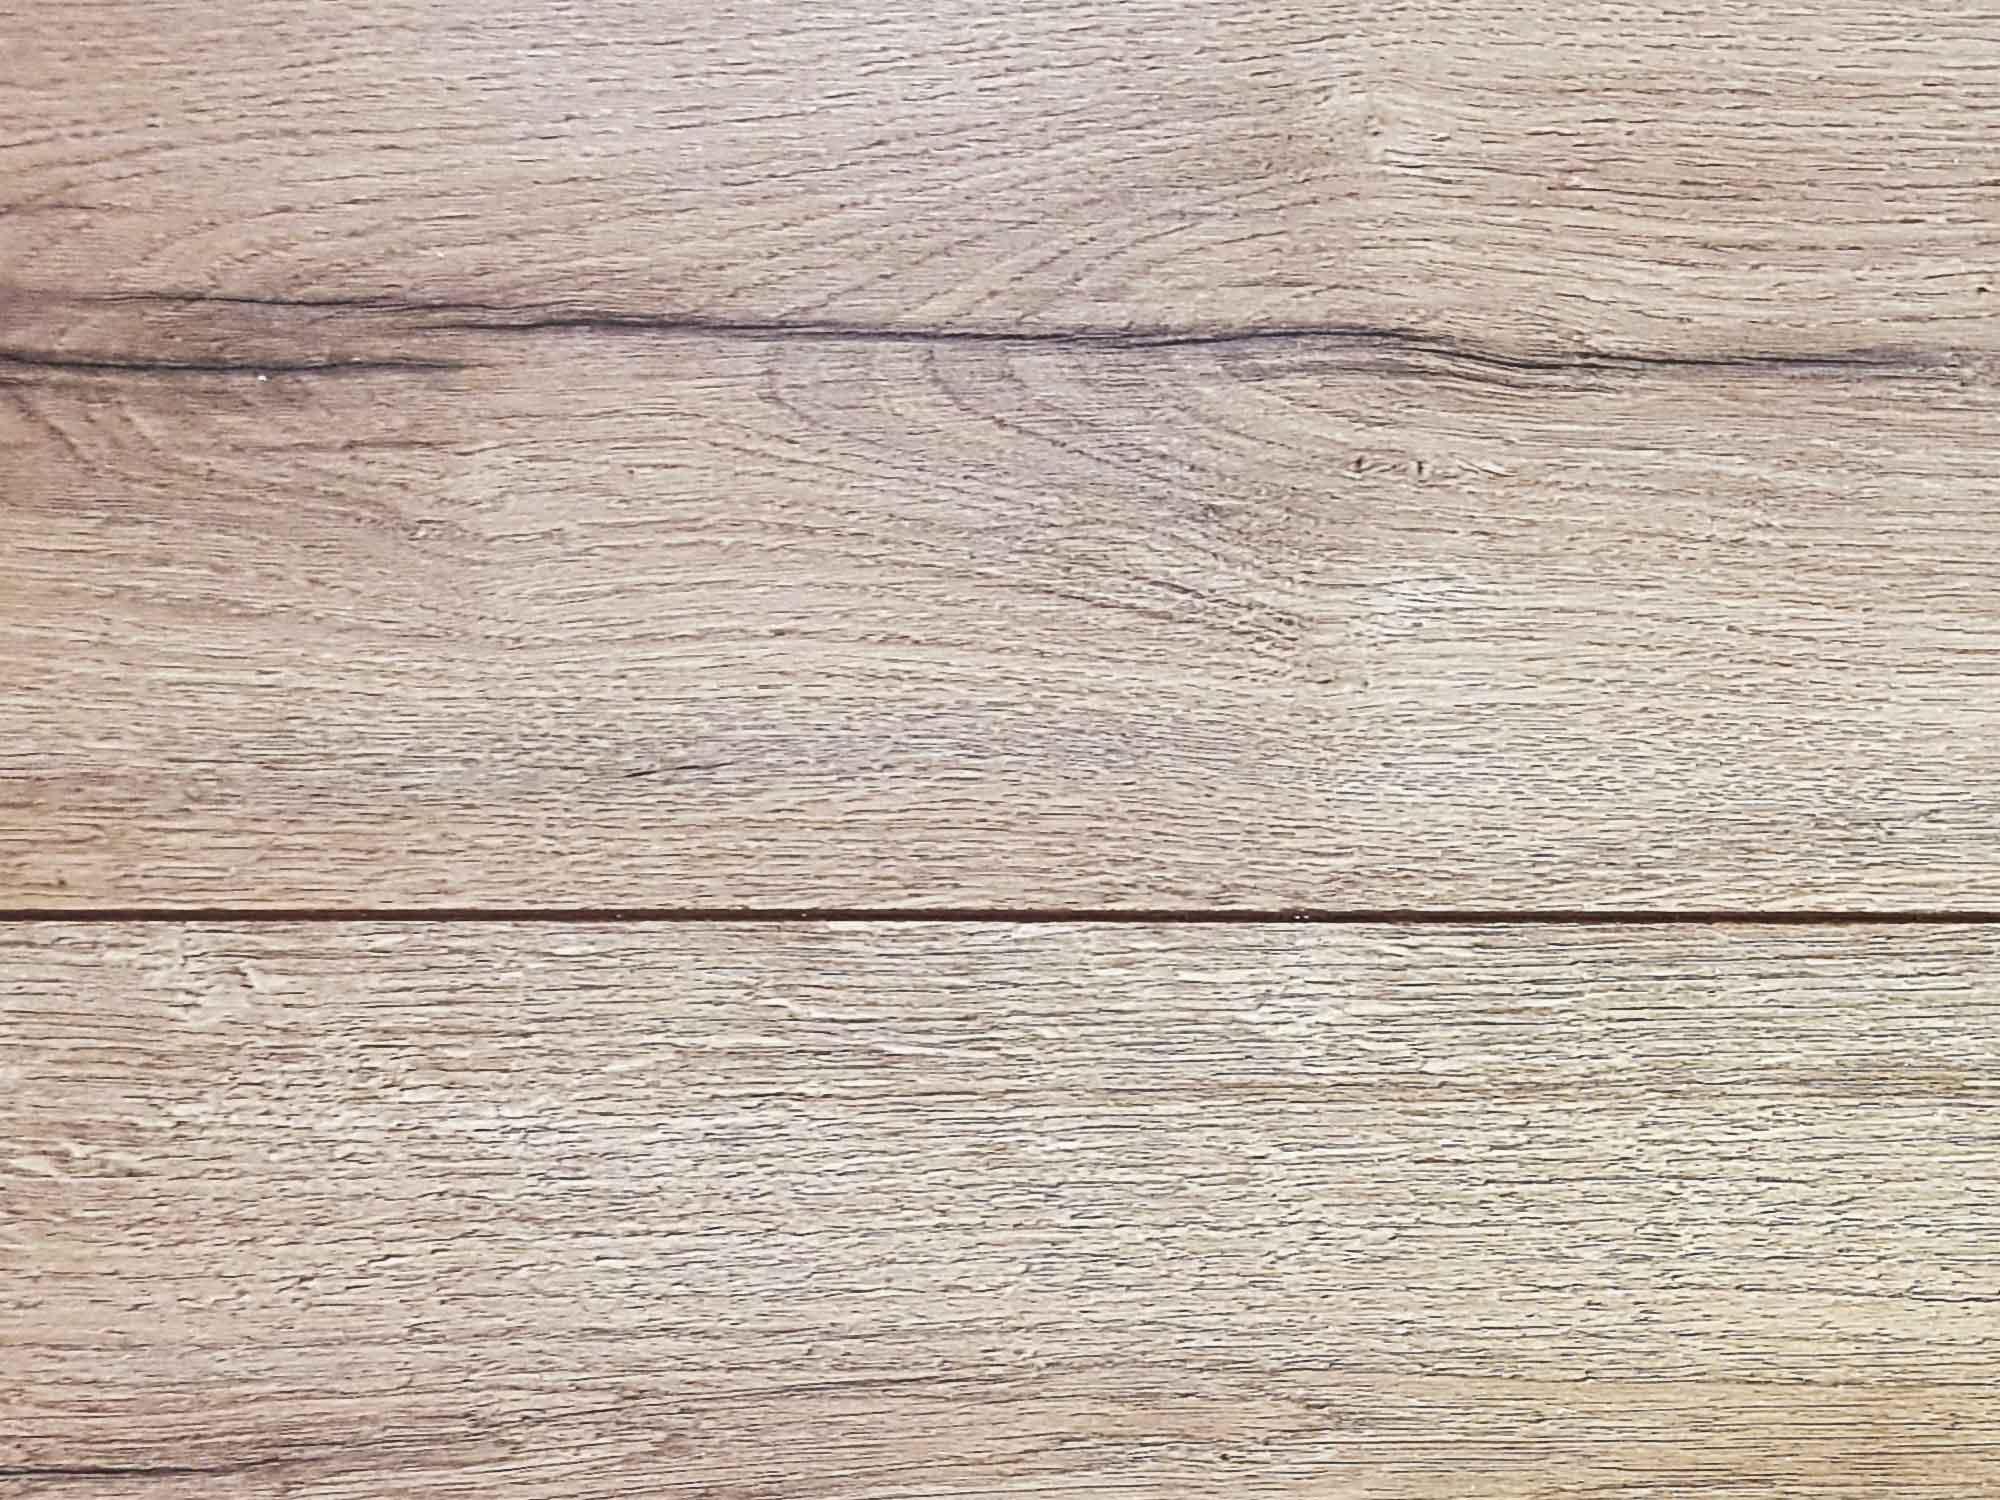 Beige Wooden Board Texture 2